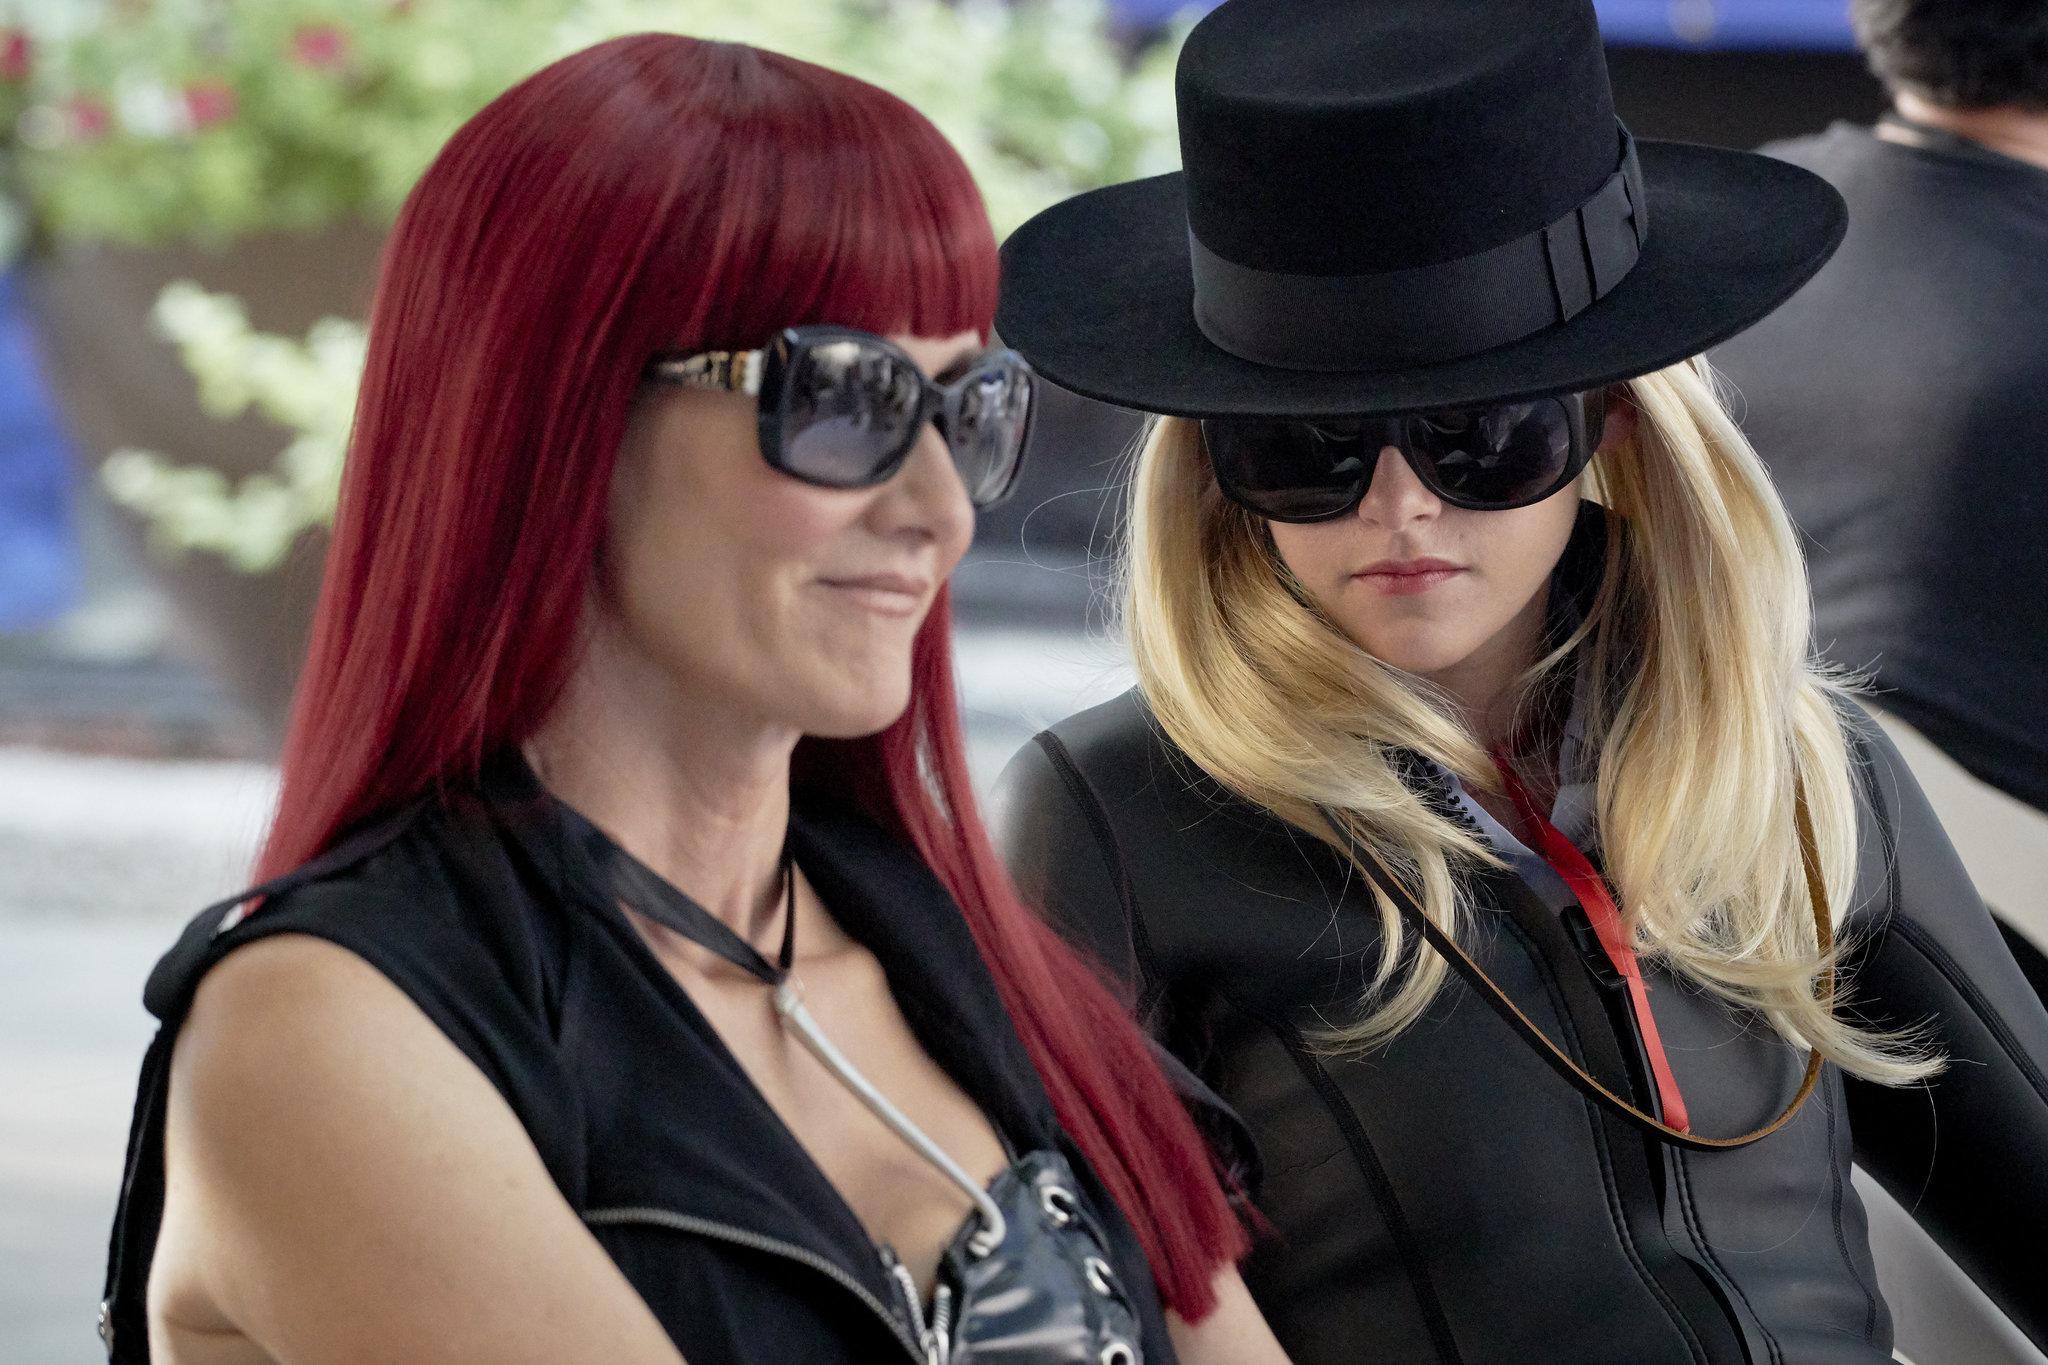 """Laura Dern, left, as Laura Albert and Kristen Stewart as Savannah Knoop in the film """"J.T. LeRoy."""""""